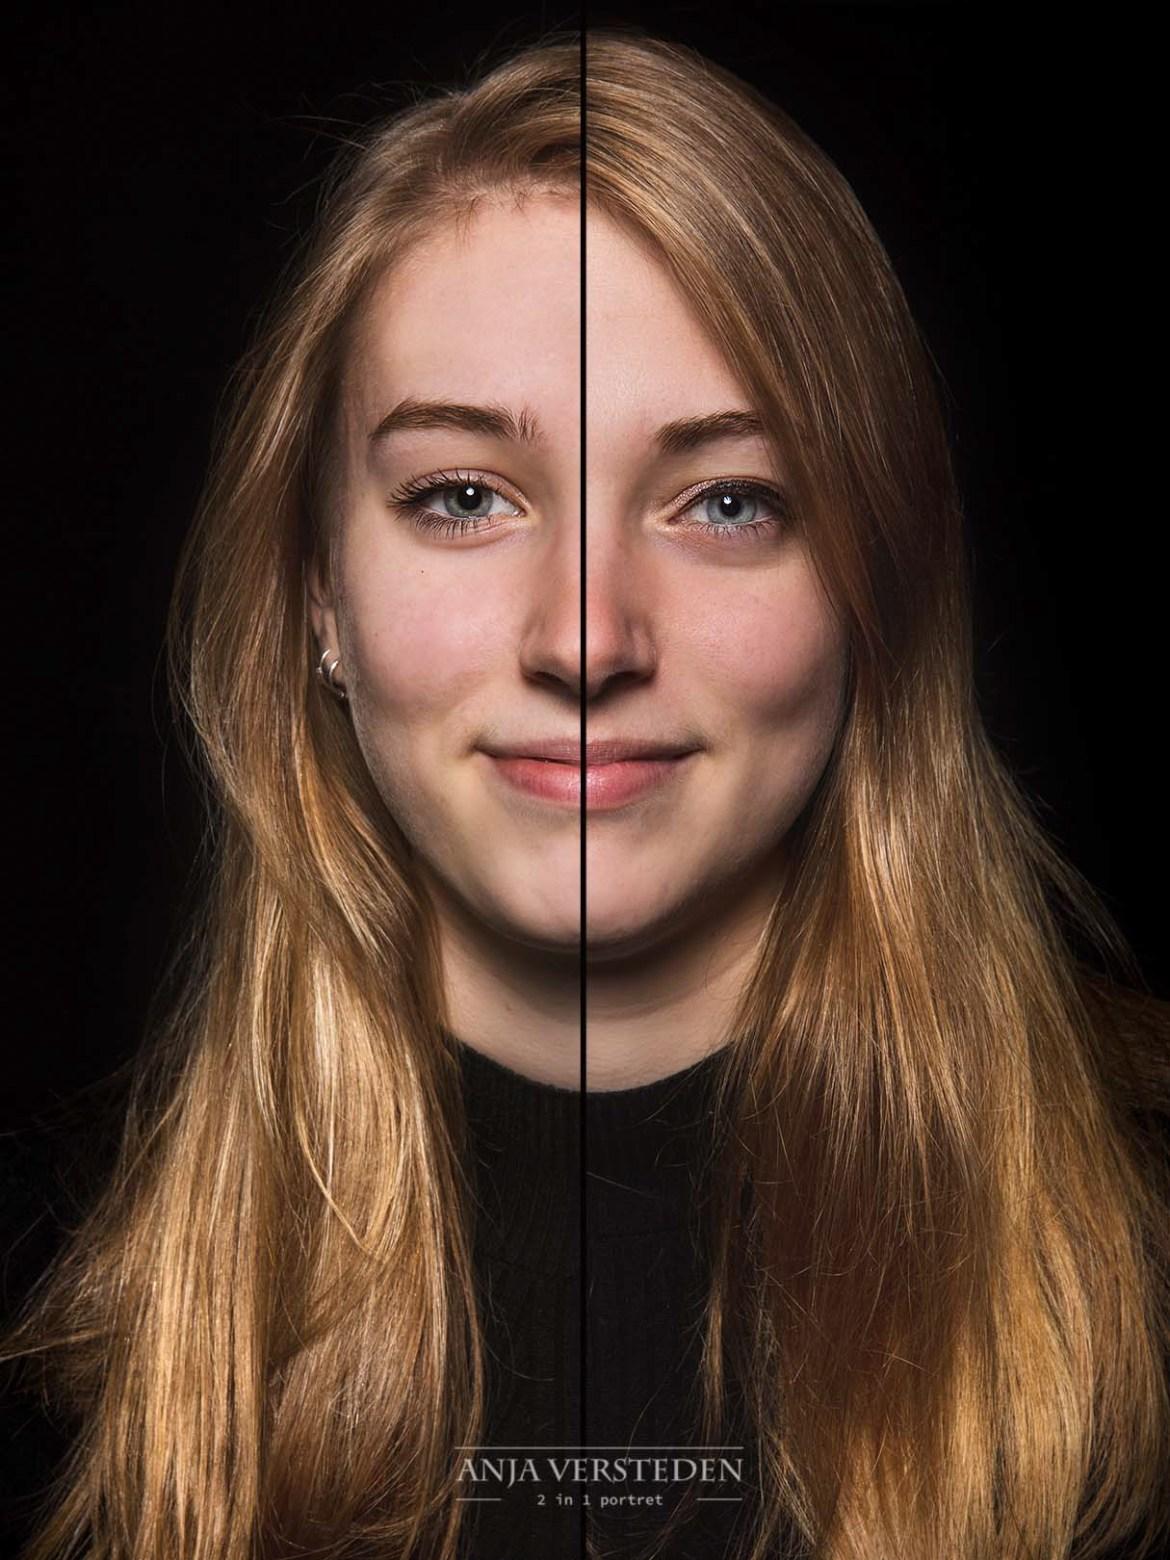 2in1 dubbelportret   2 in 1 portrait